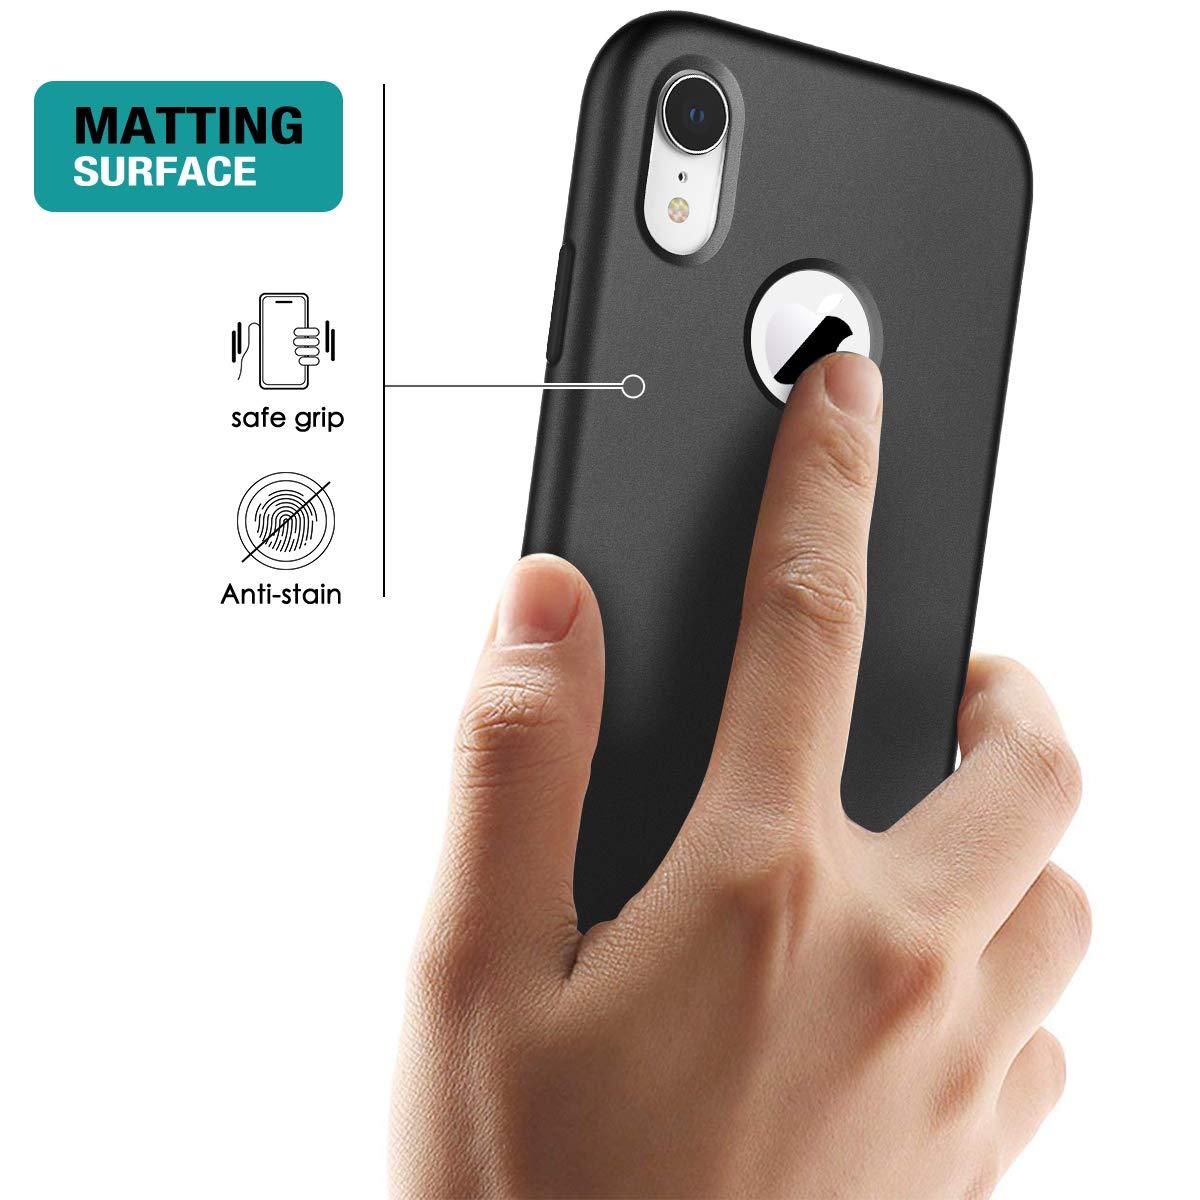 SURITCH Funda para iPhone XR 360 Grados Full Body de Protecci/ón Silicona TPU con Protector de Pantalla Incorporado Carcasa Anti-Ara/ñazos Cover para iPhone XR Unicornio